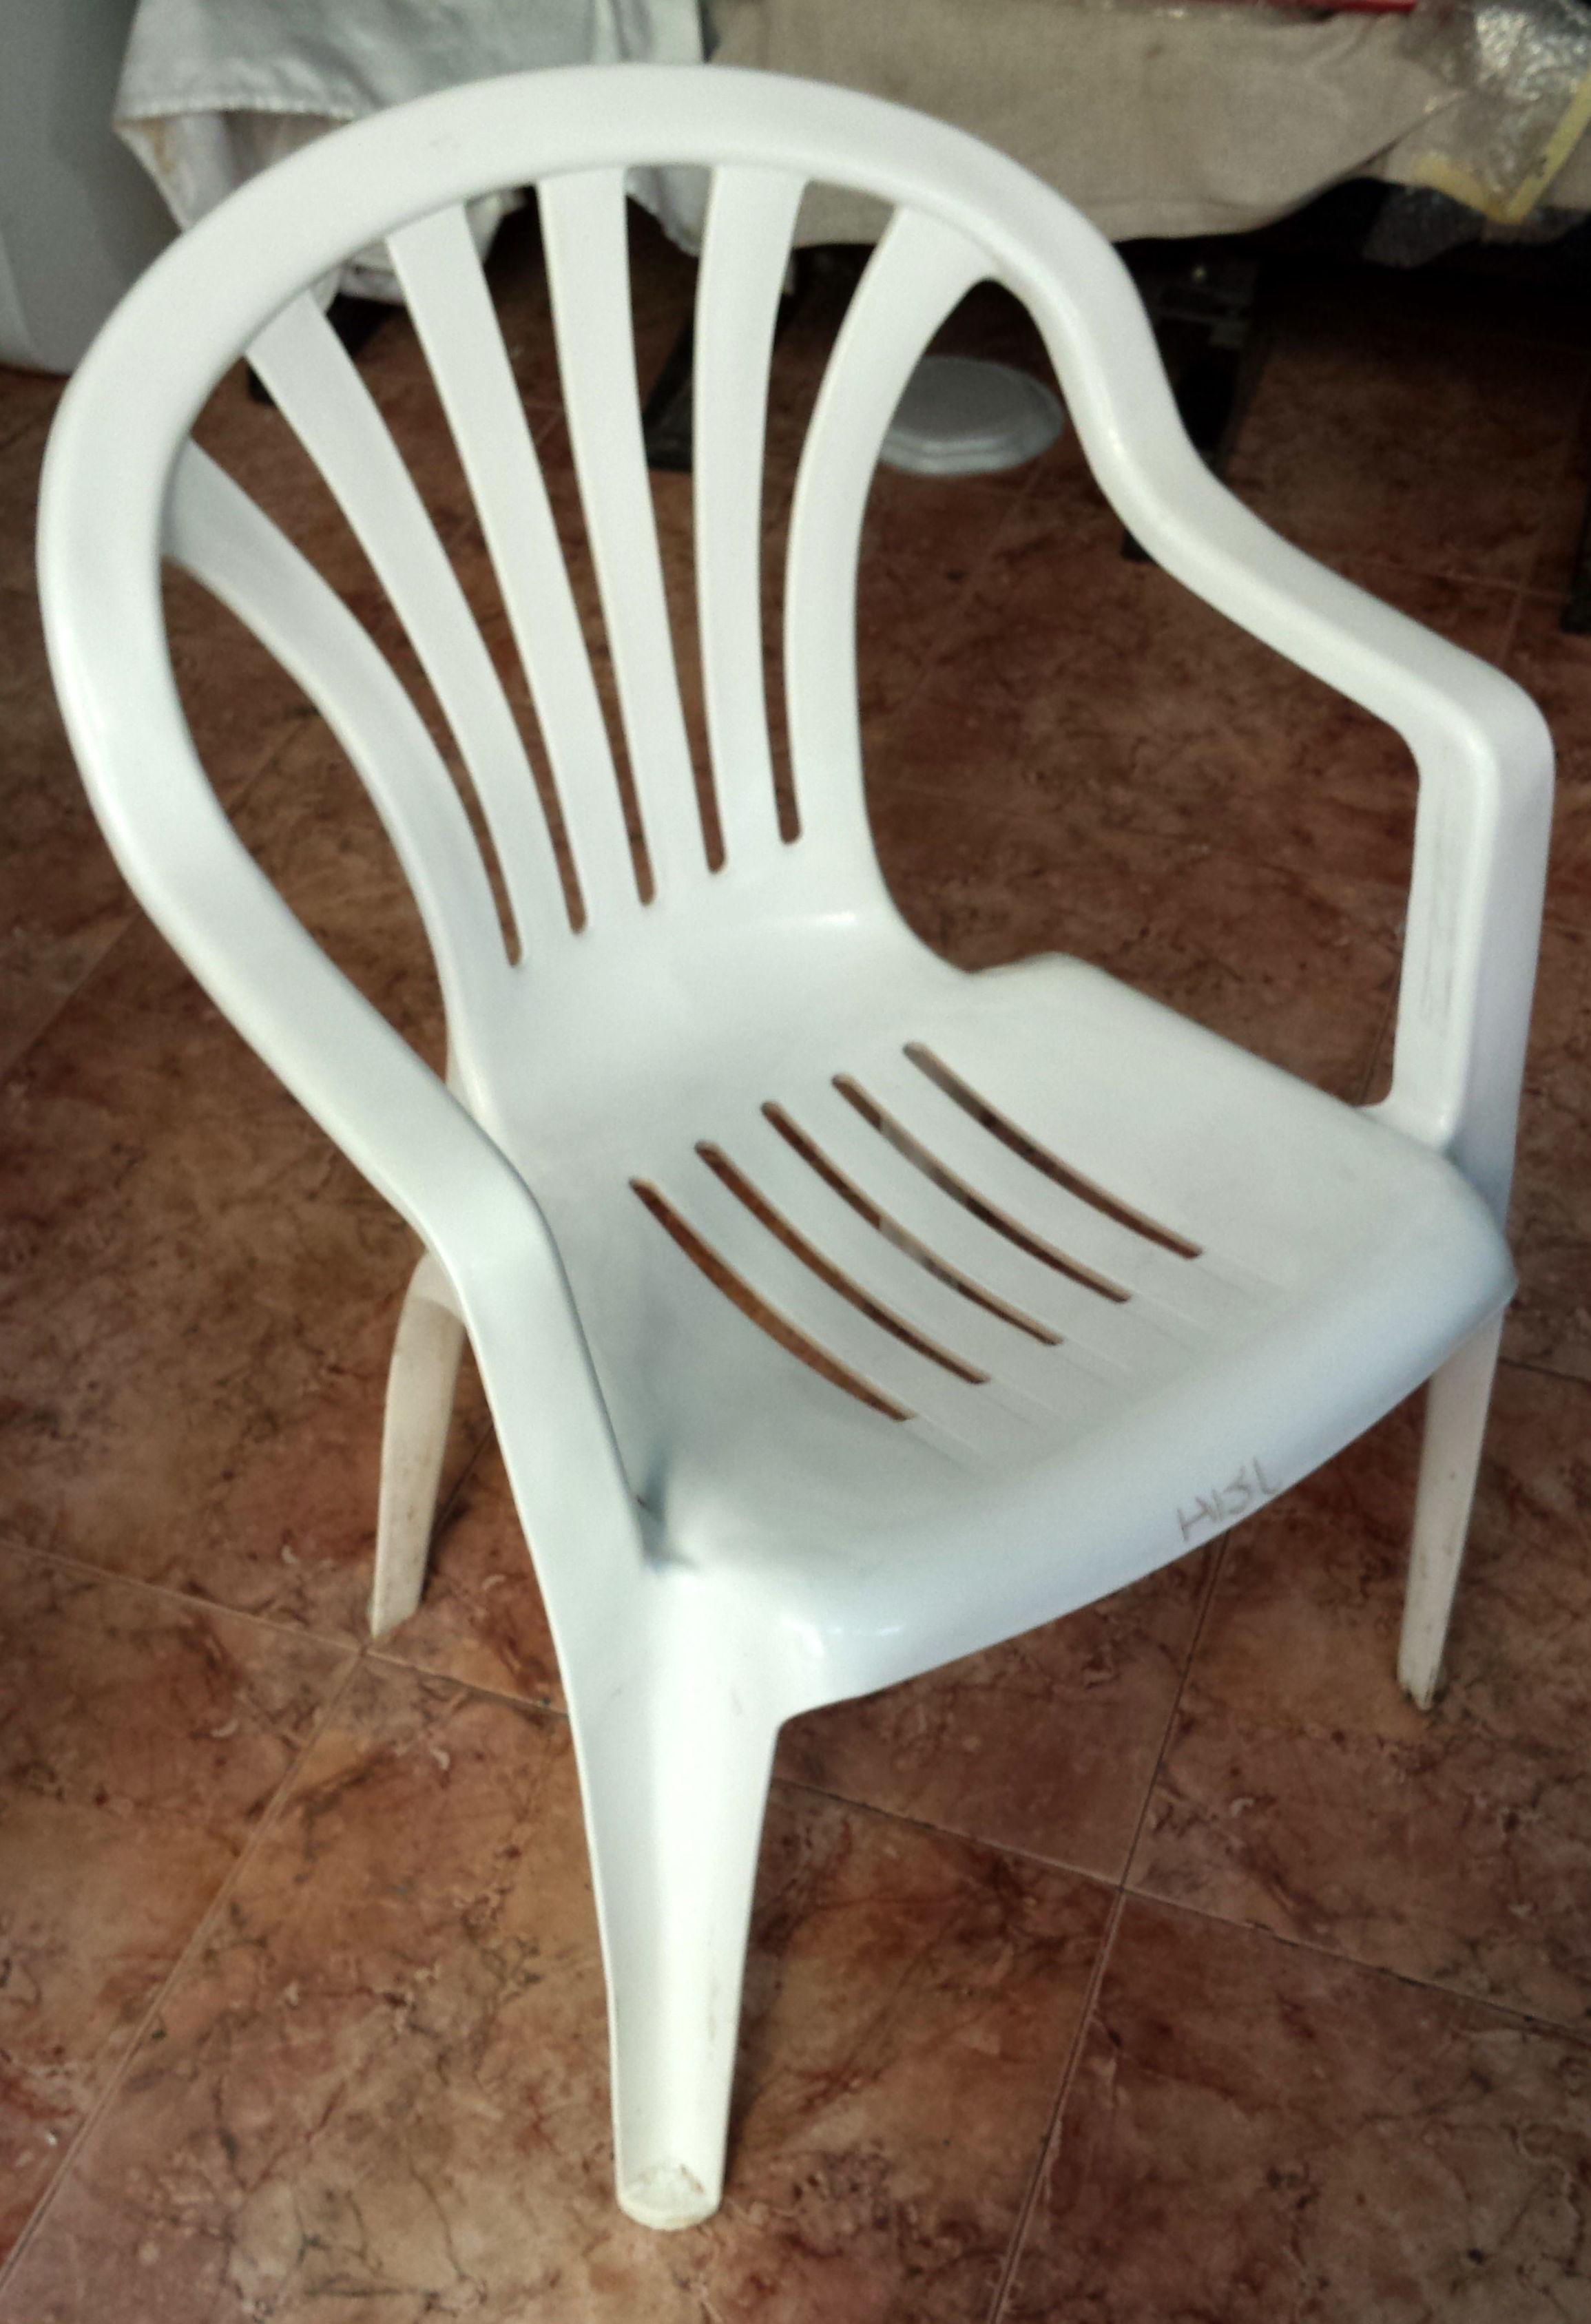 venta de sillas usadas productos de alquileres abc